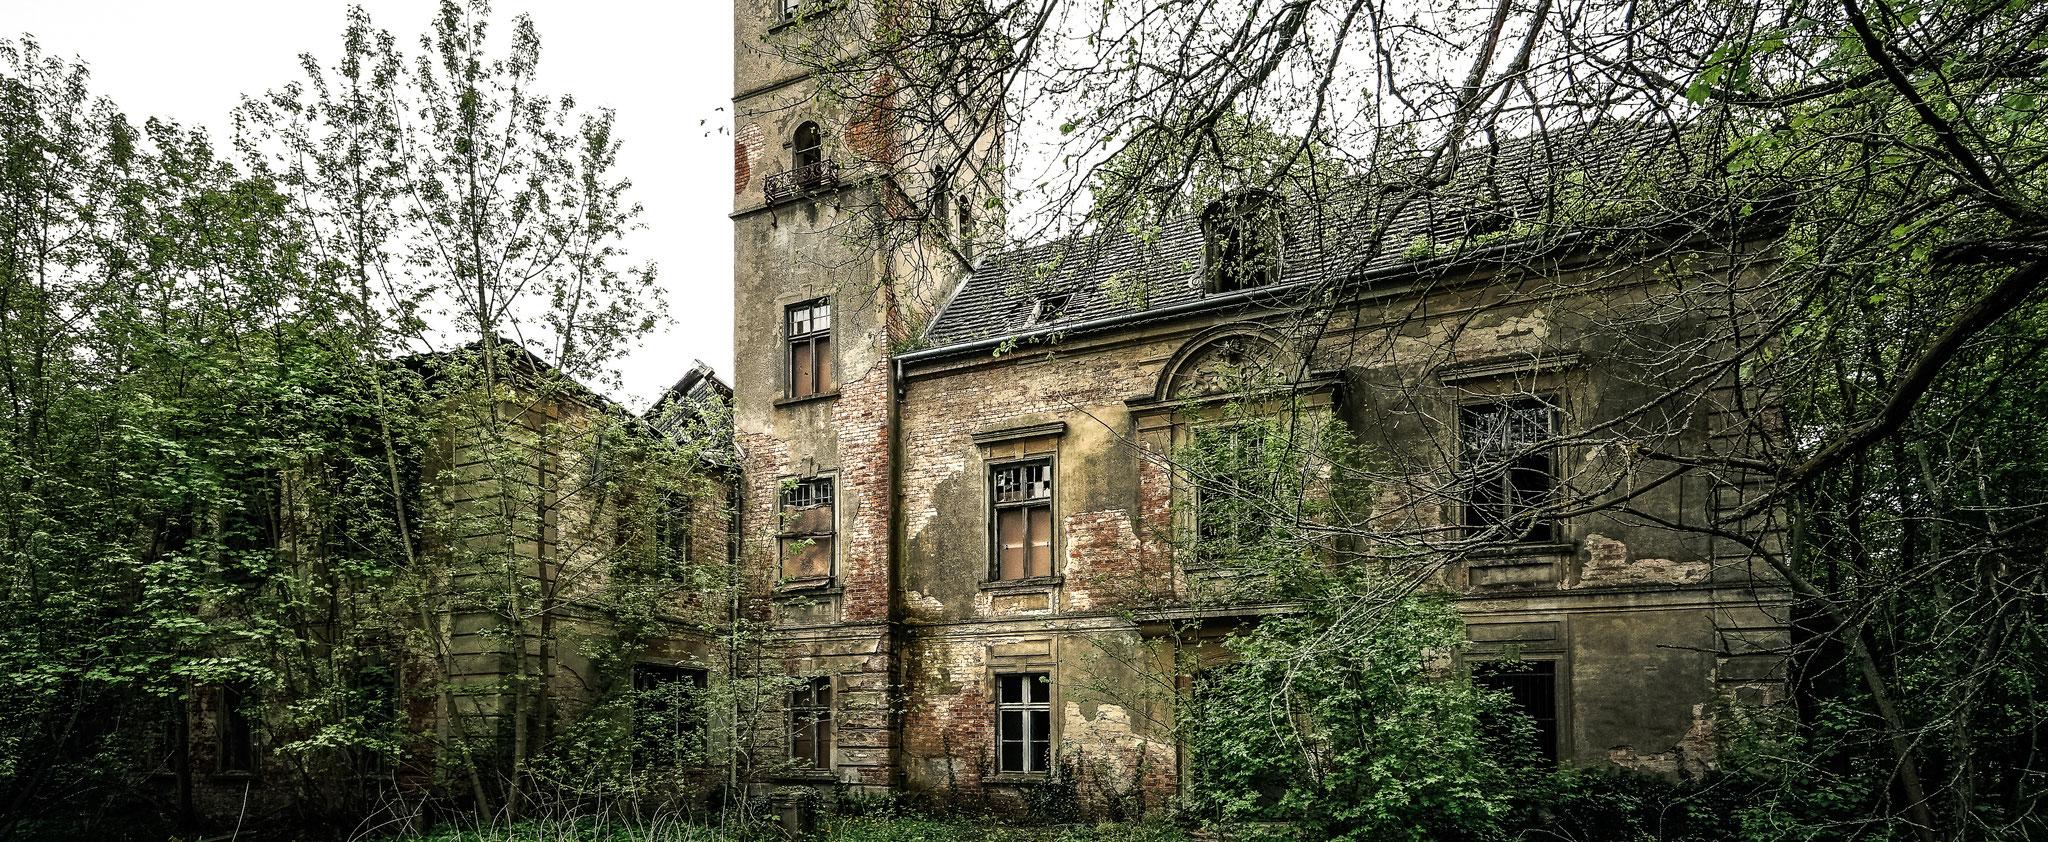 Das verfallene Schloss steht seit vielen Jahren leer